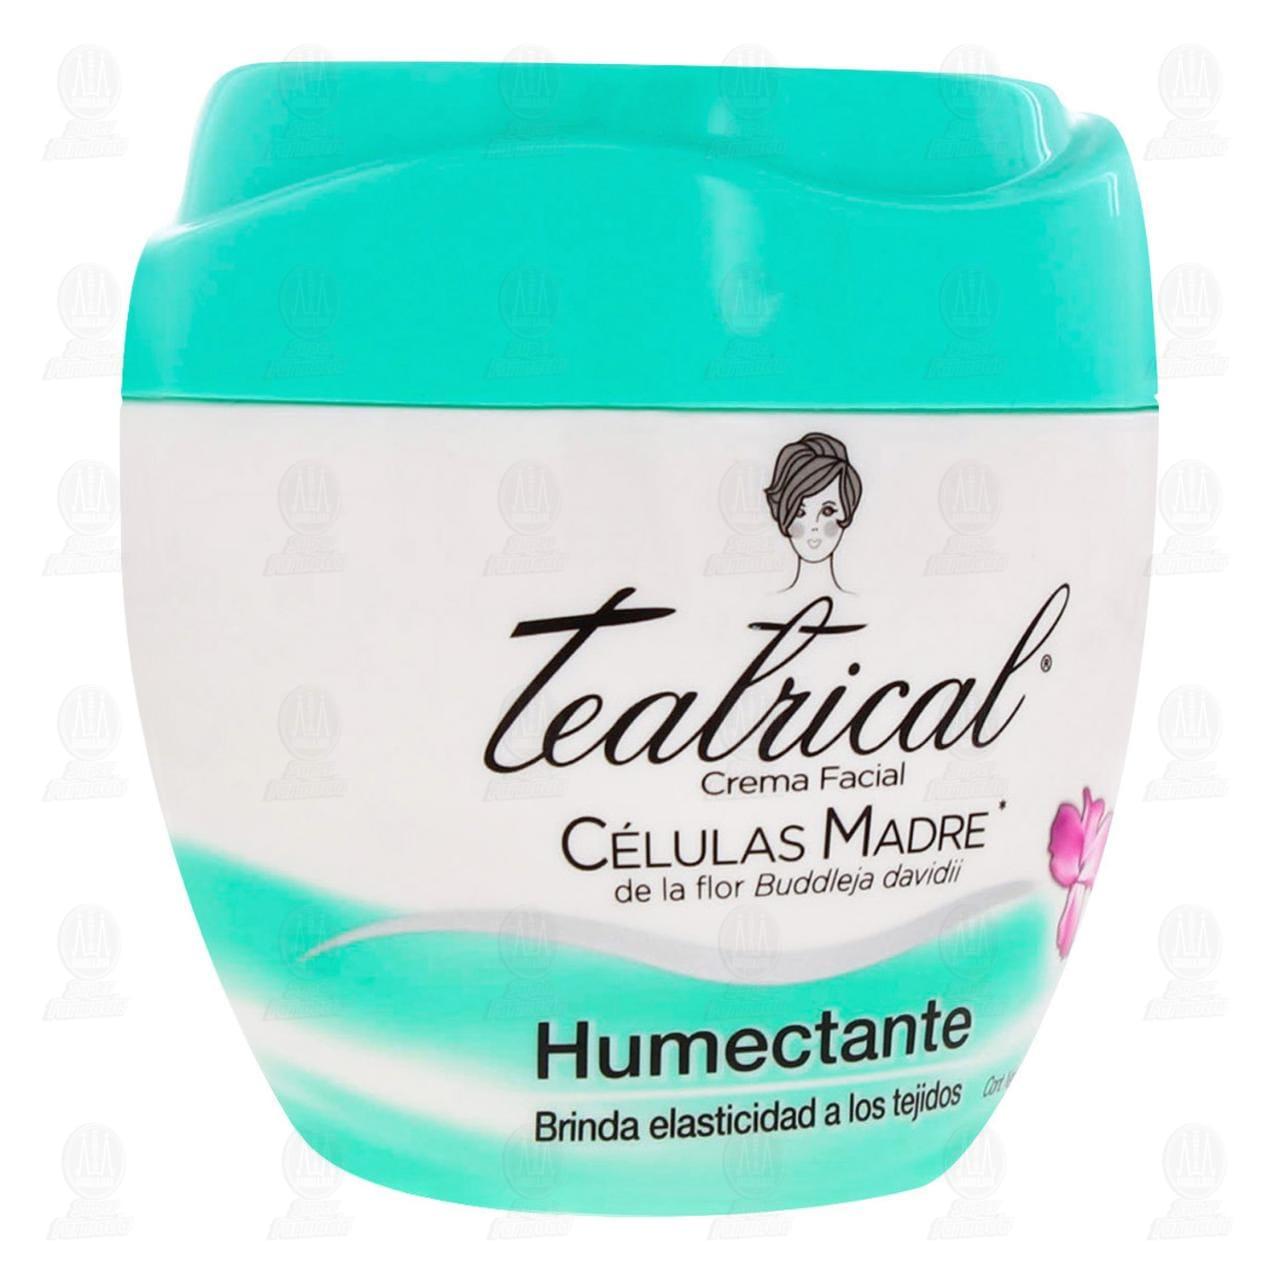 Comprar Crema Facial Teatrical Células Madre Humectante, 200 gr. en Farmacias Guadalajara